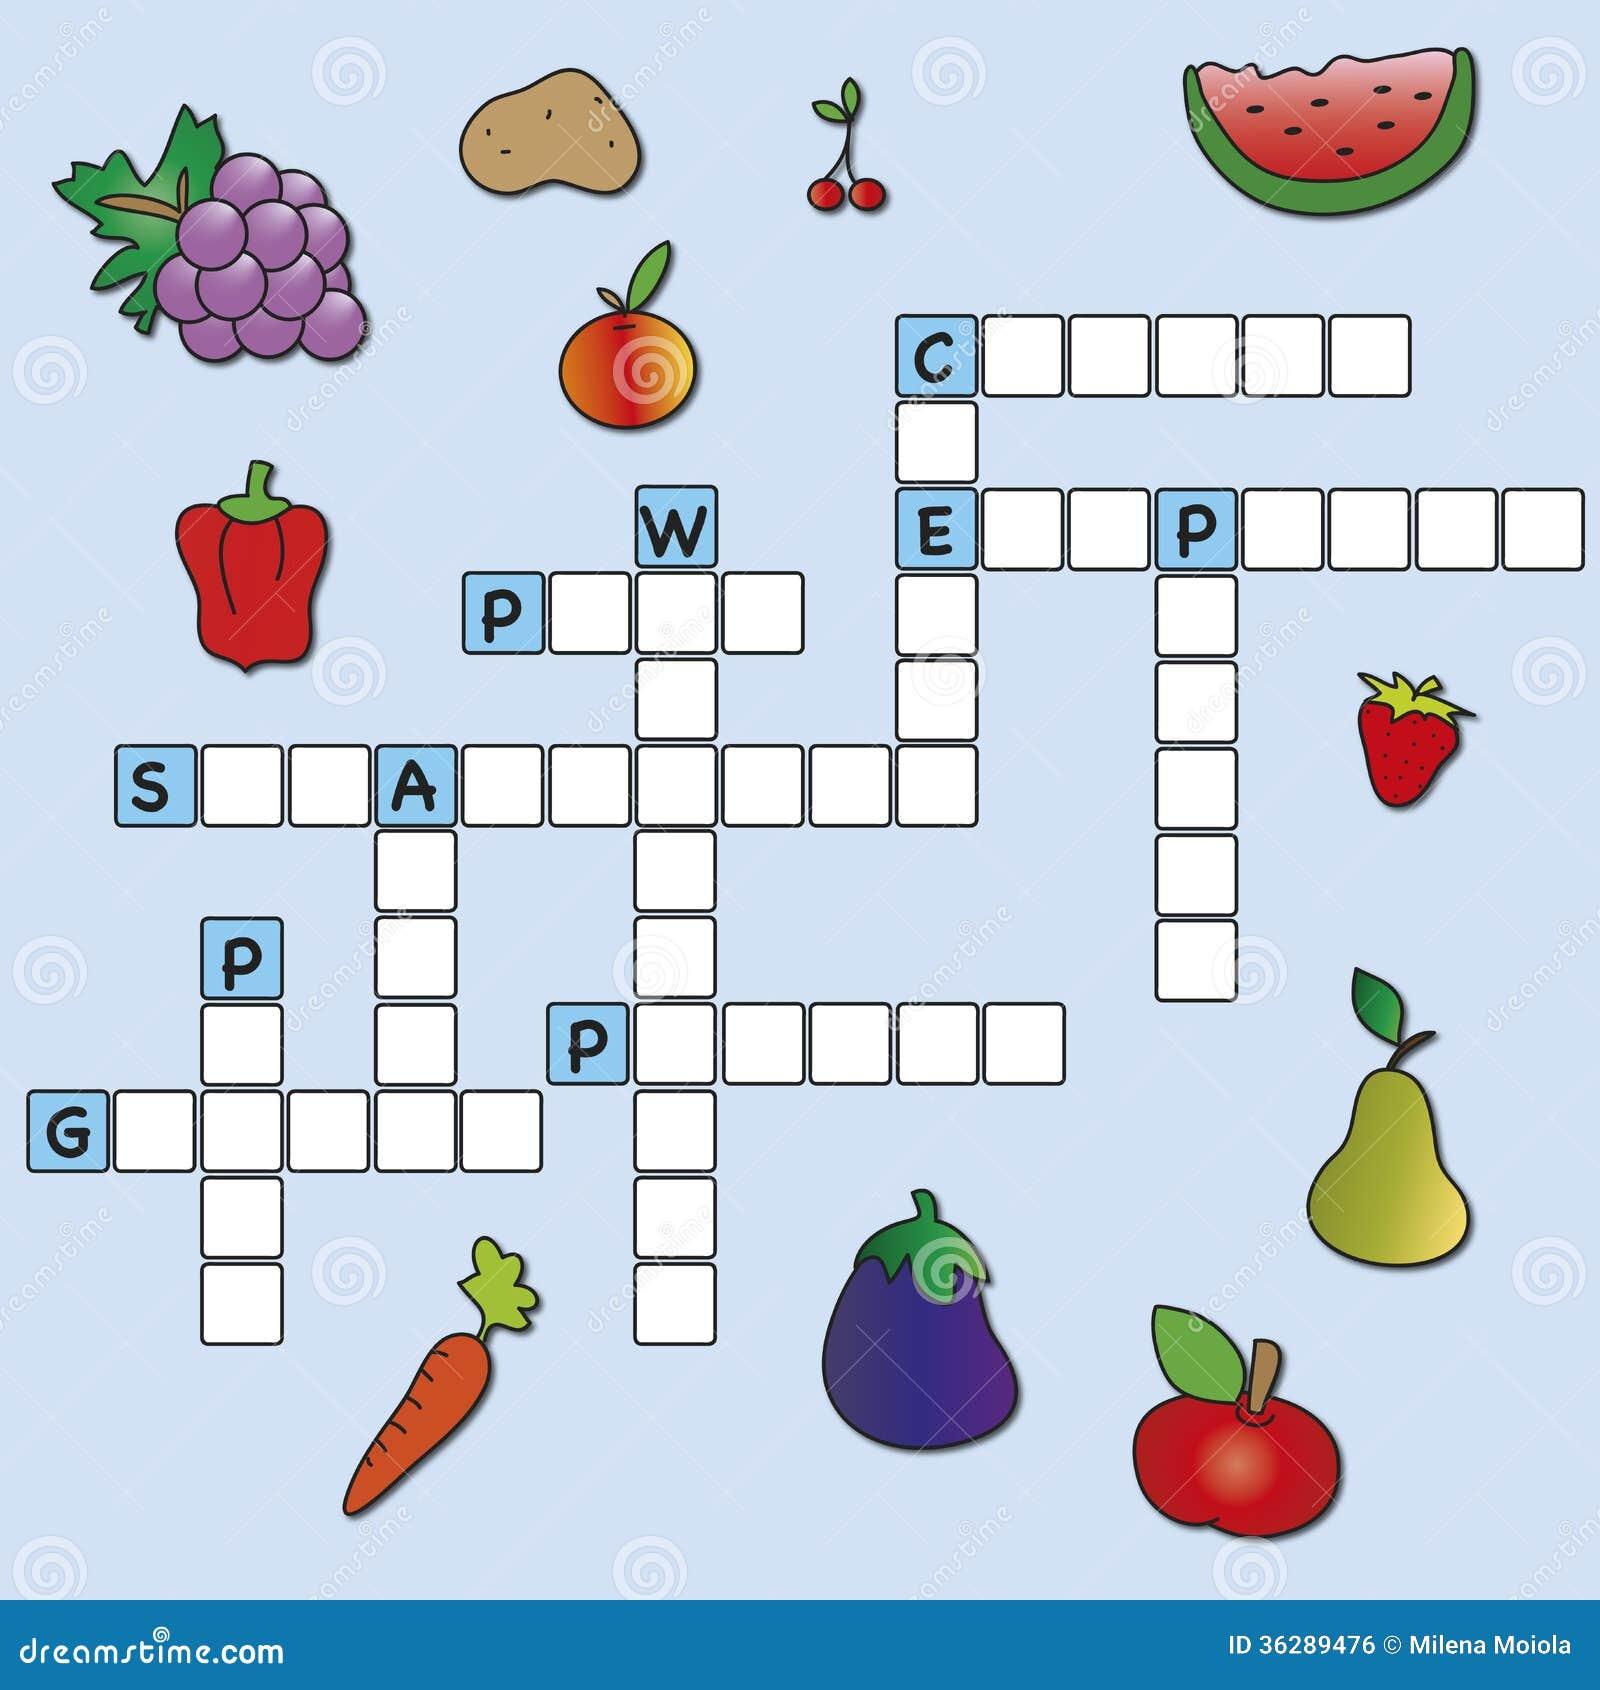 Www Kreuzworträtsel Bild